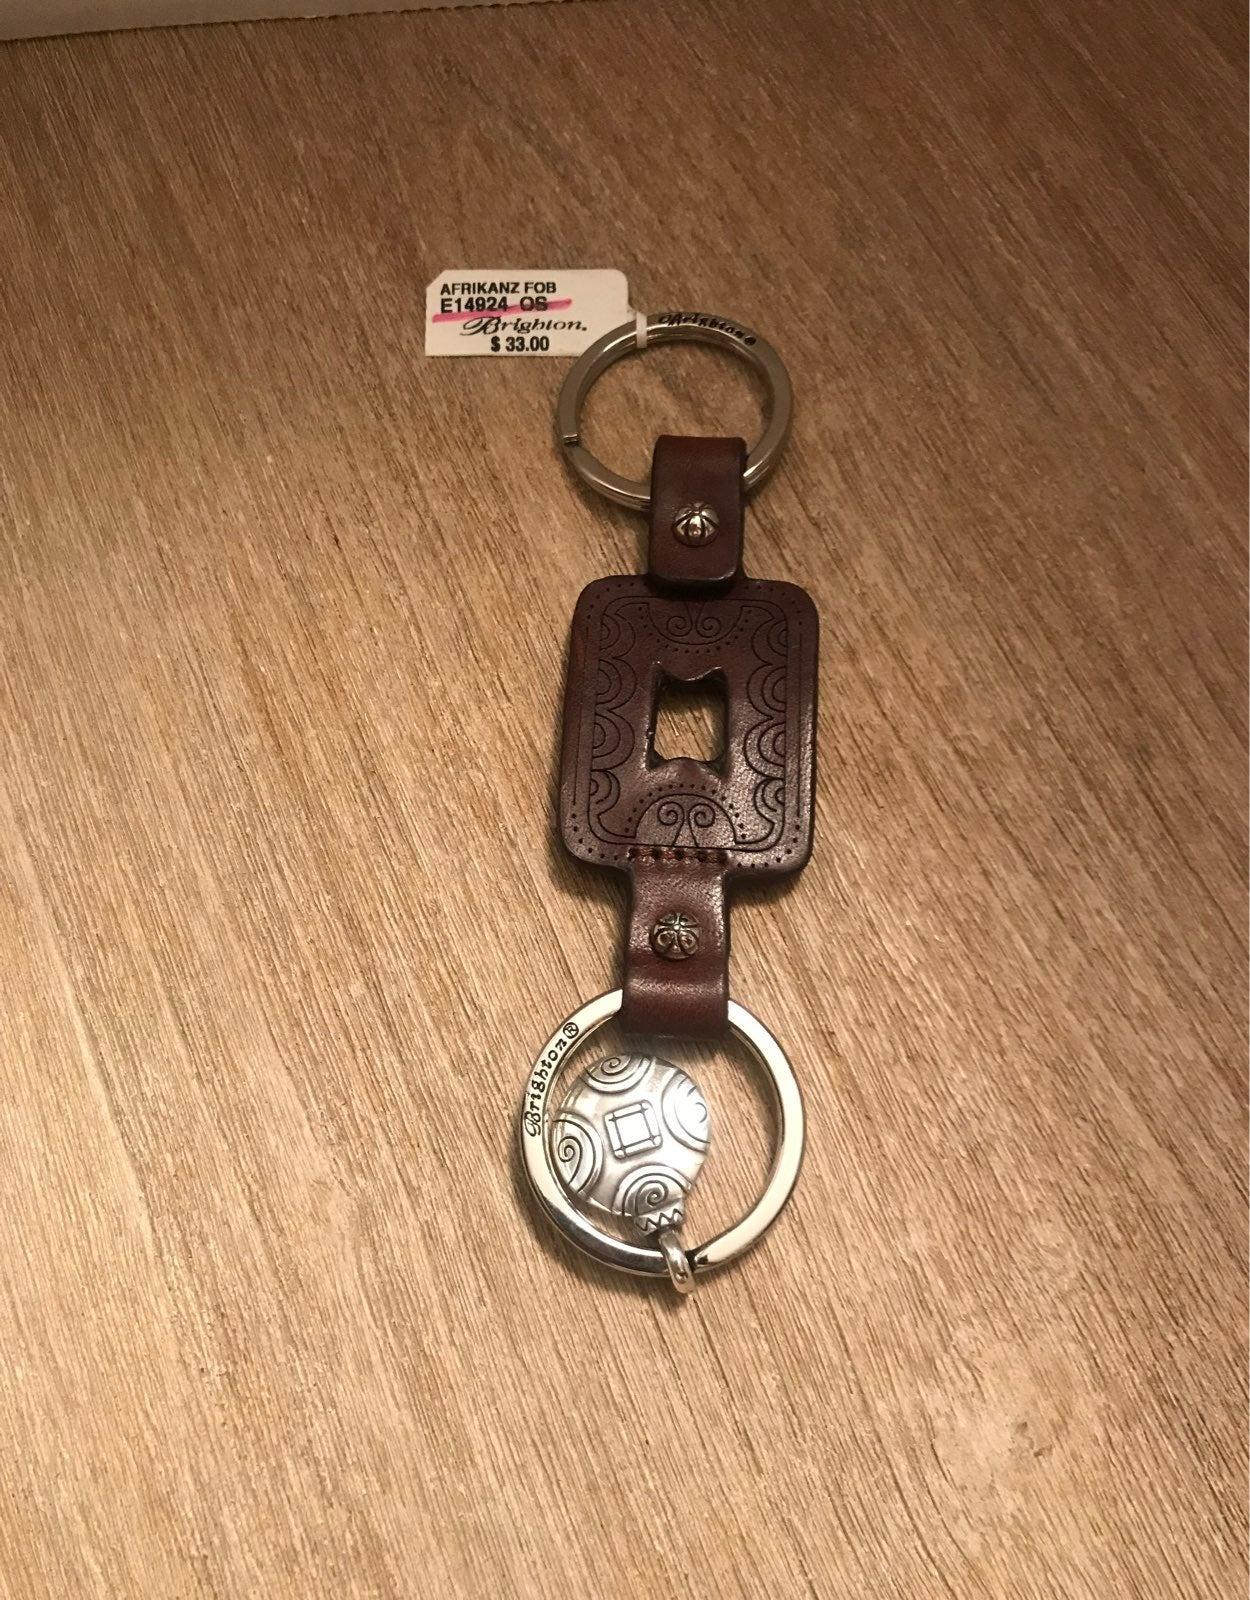 Brighton keychain